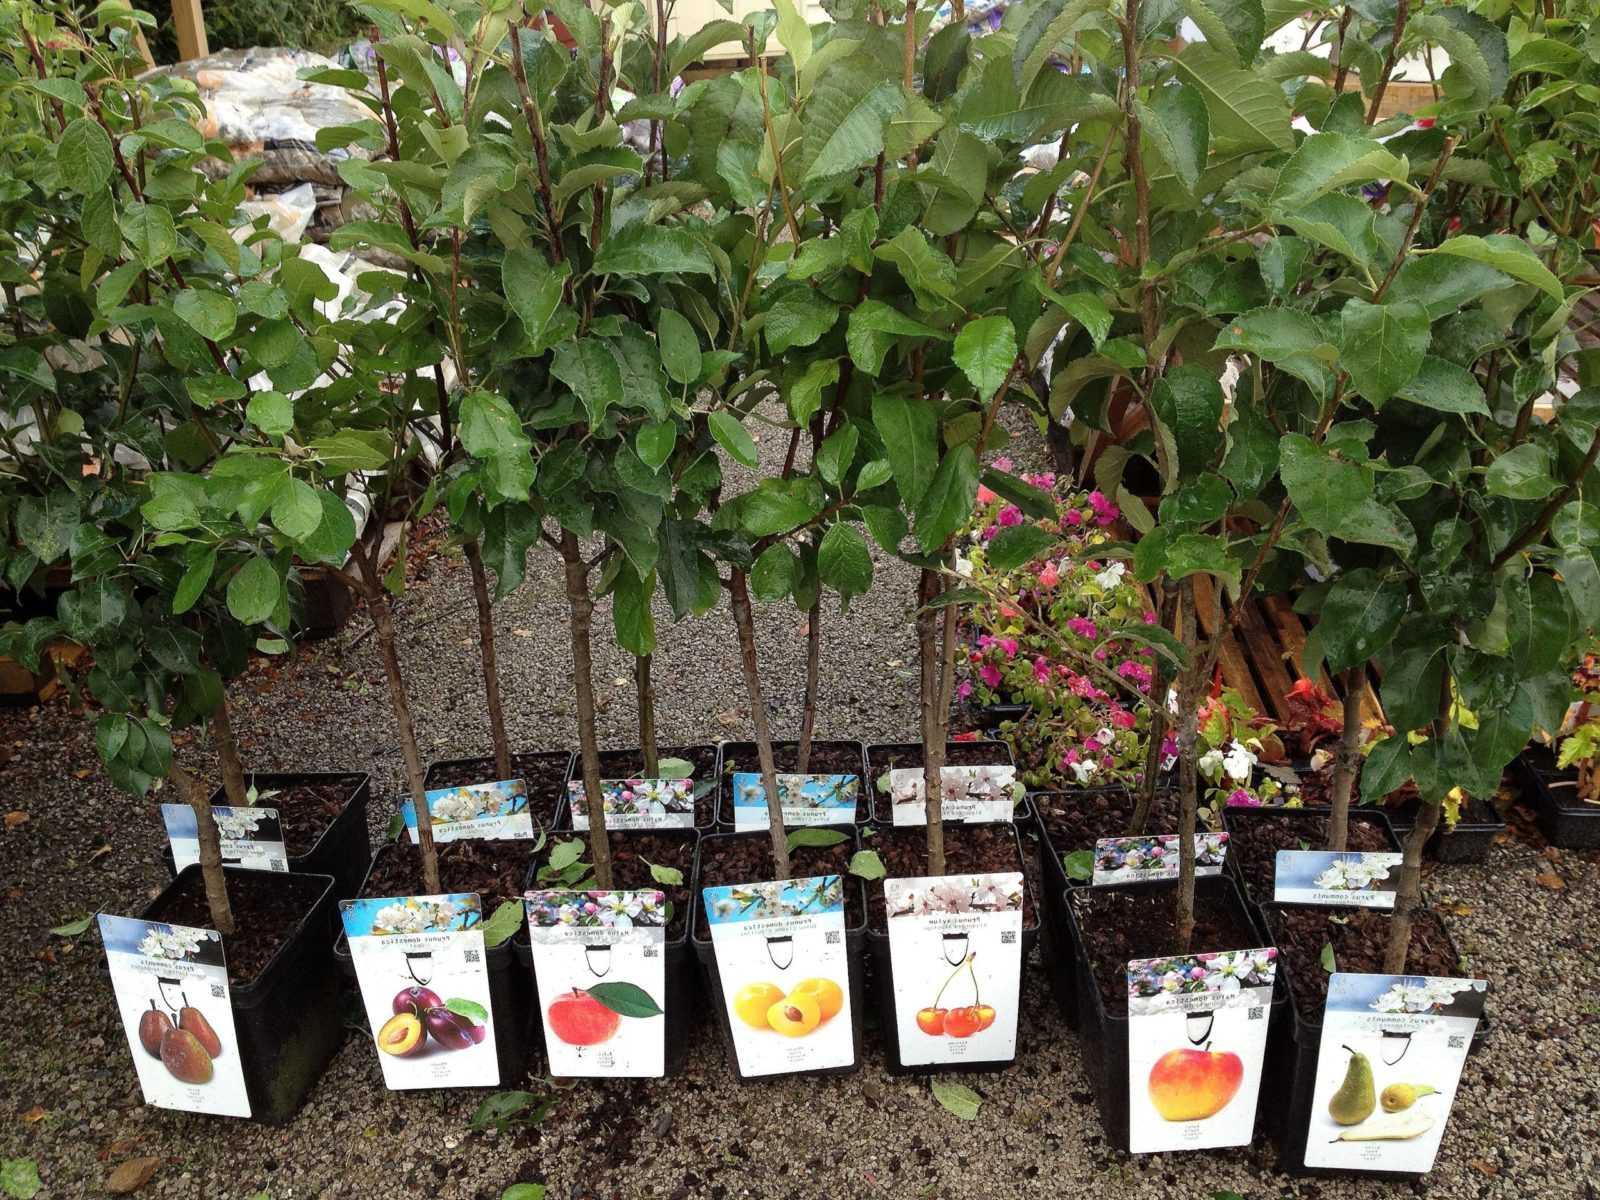 Весенняя покупка саженцев – как выбрать растение и сохранить его до посадки